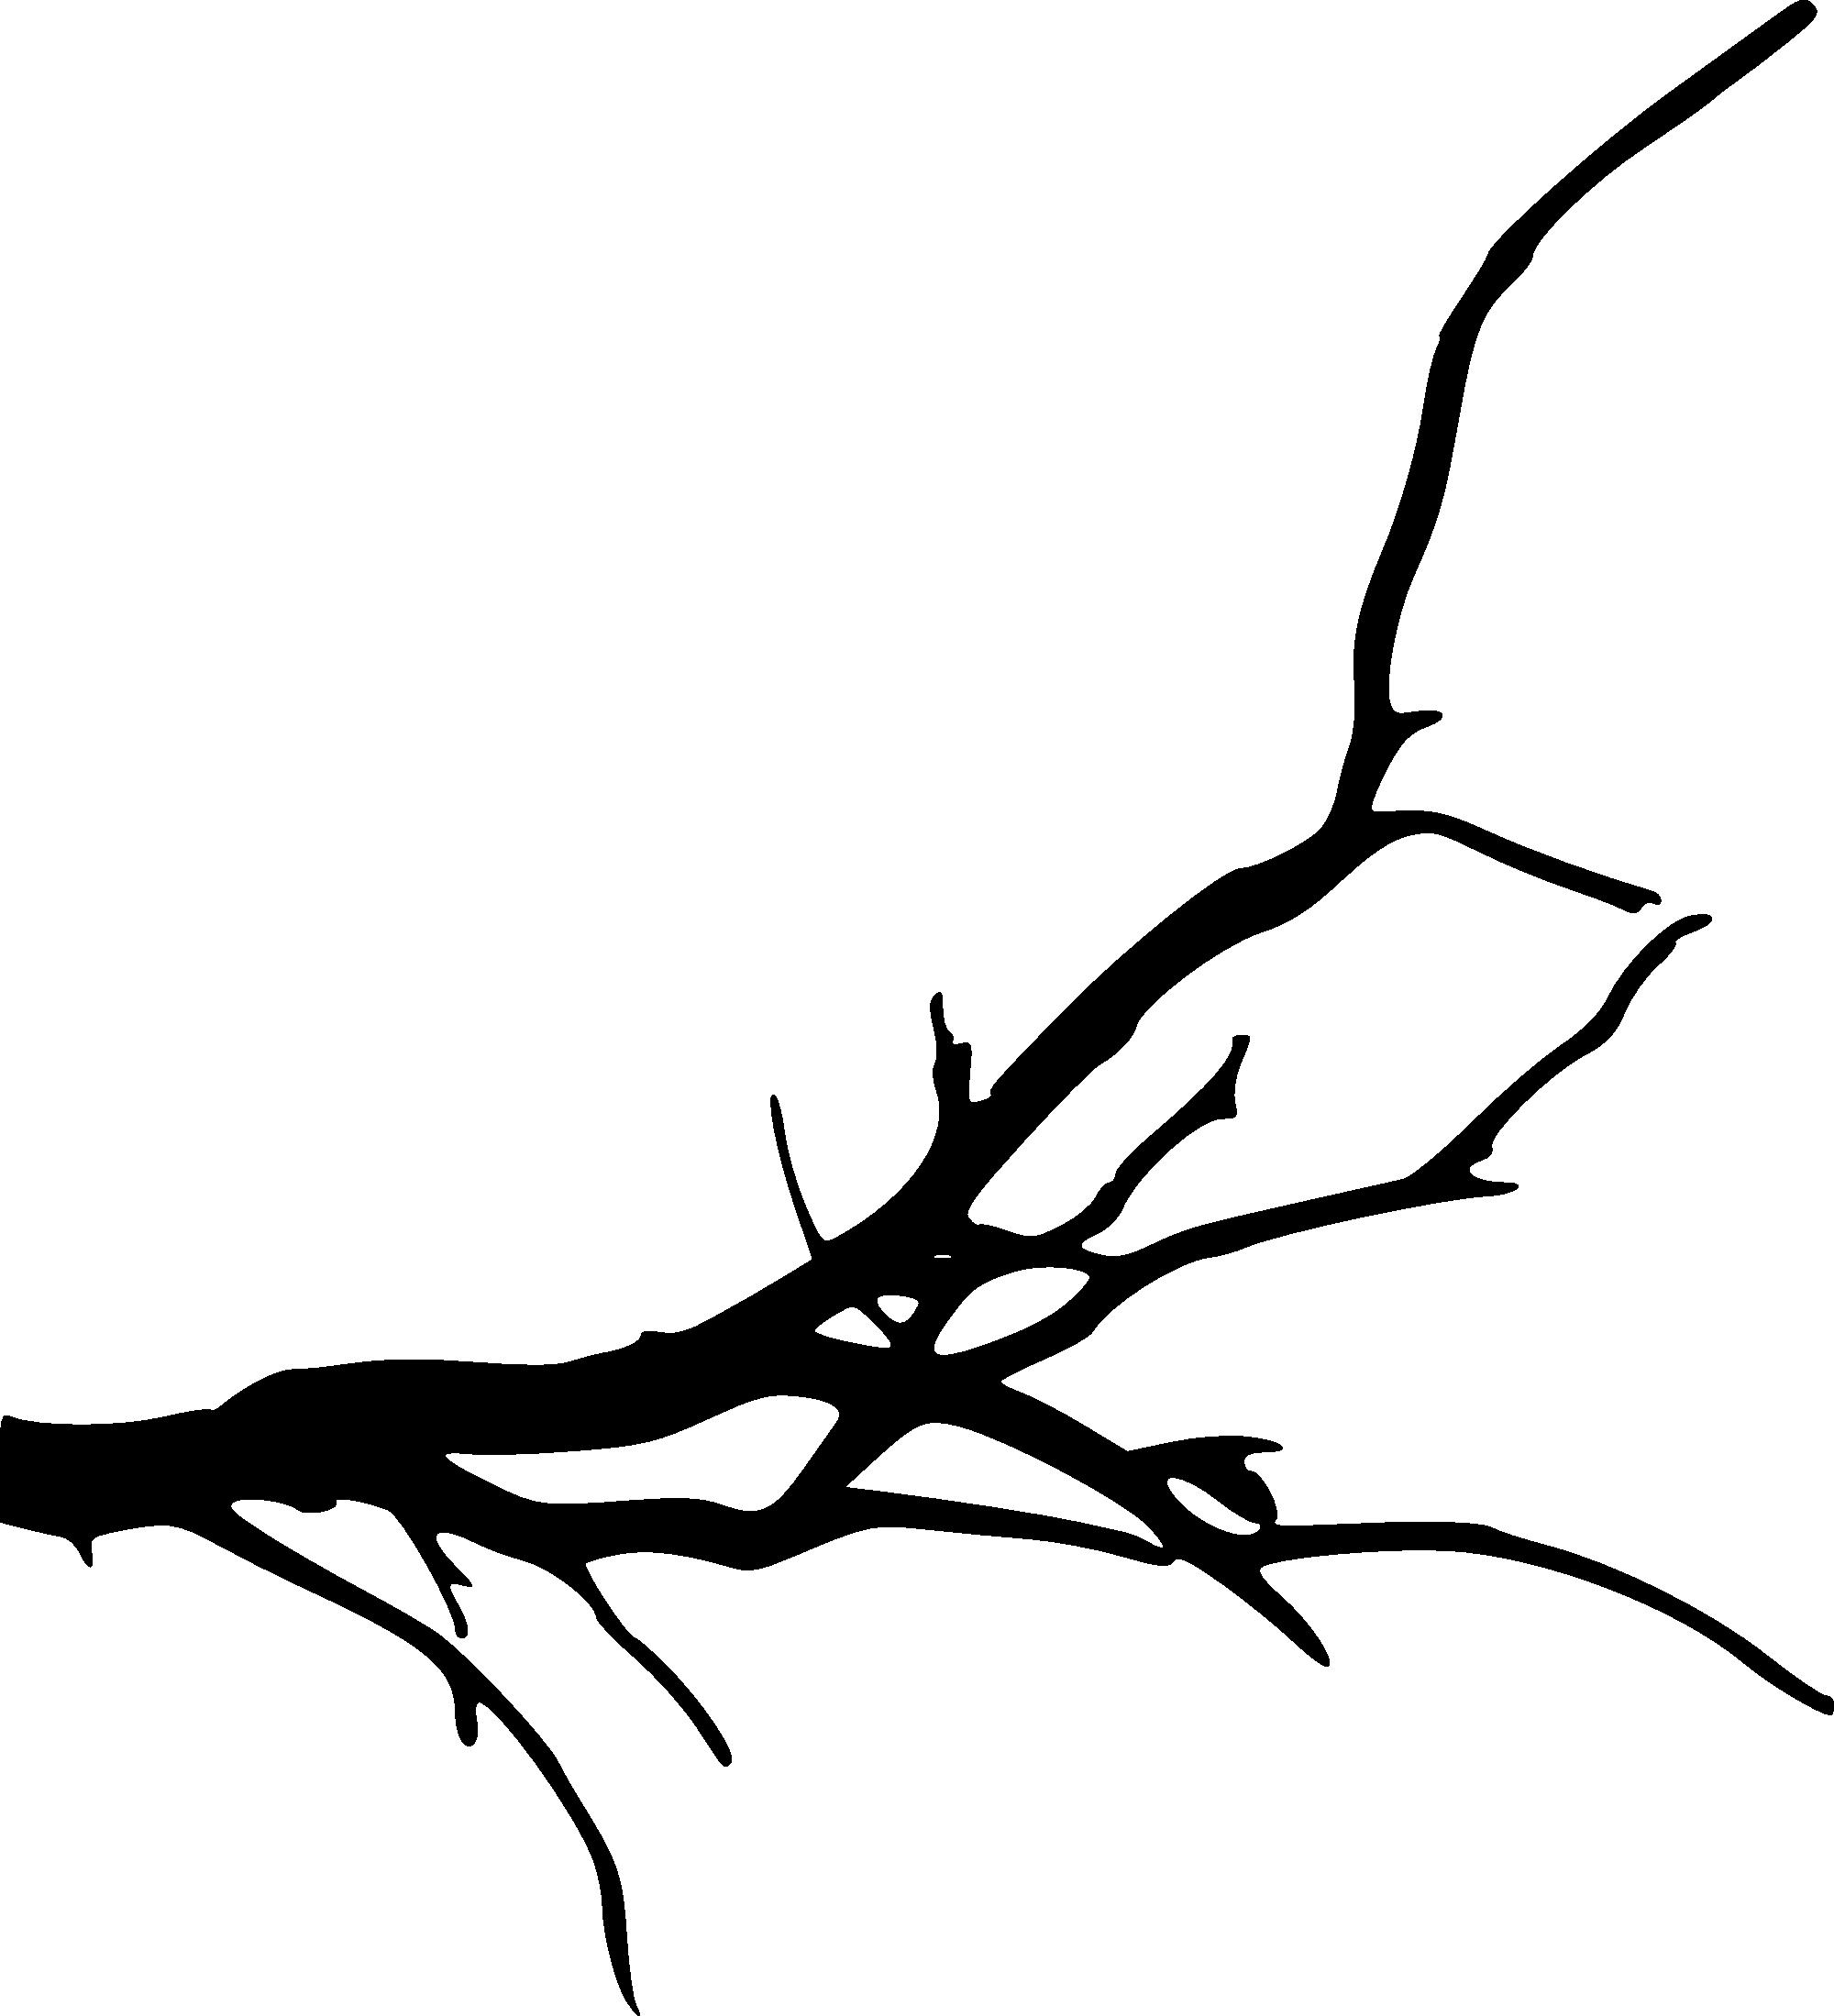 картинка веточка дерева без листьев русской мифологии ящерица